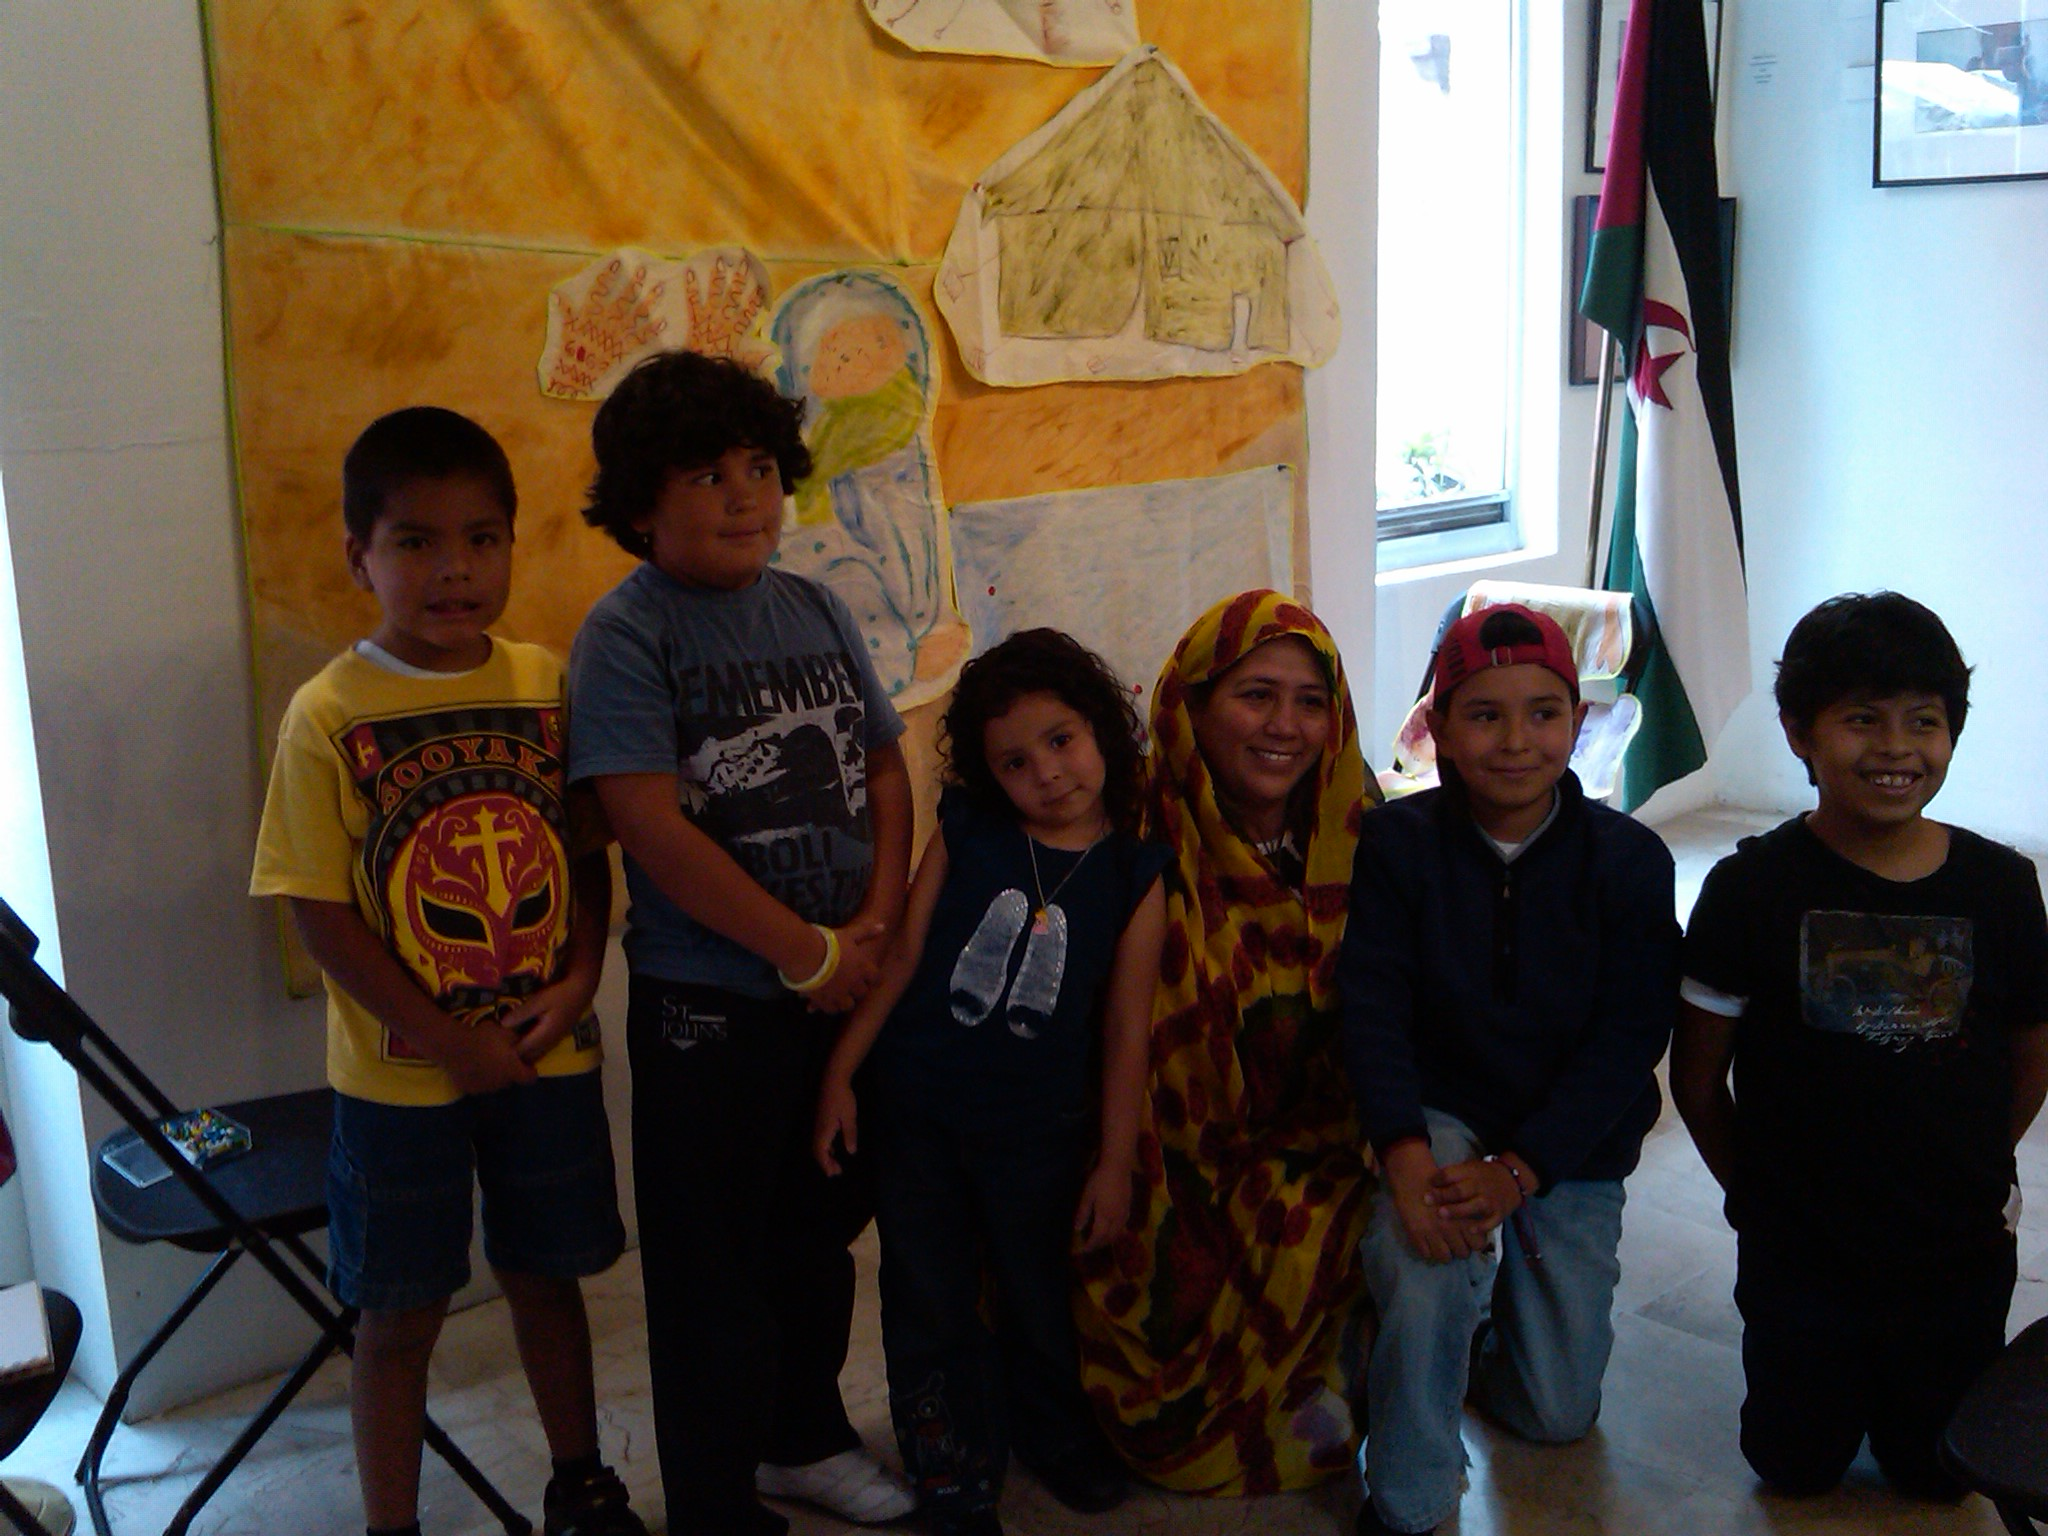 Educación_para_la_paz,_cuento_de_Irene_en_el_sáhara,_Coyoacán_2